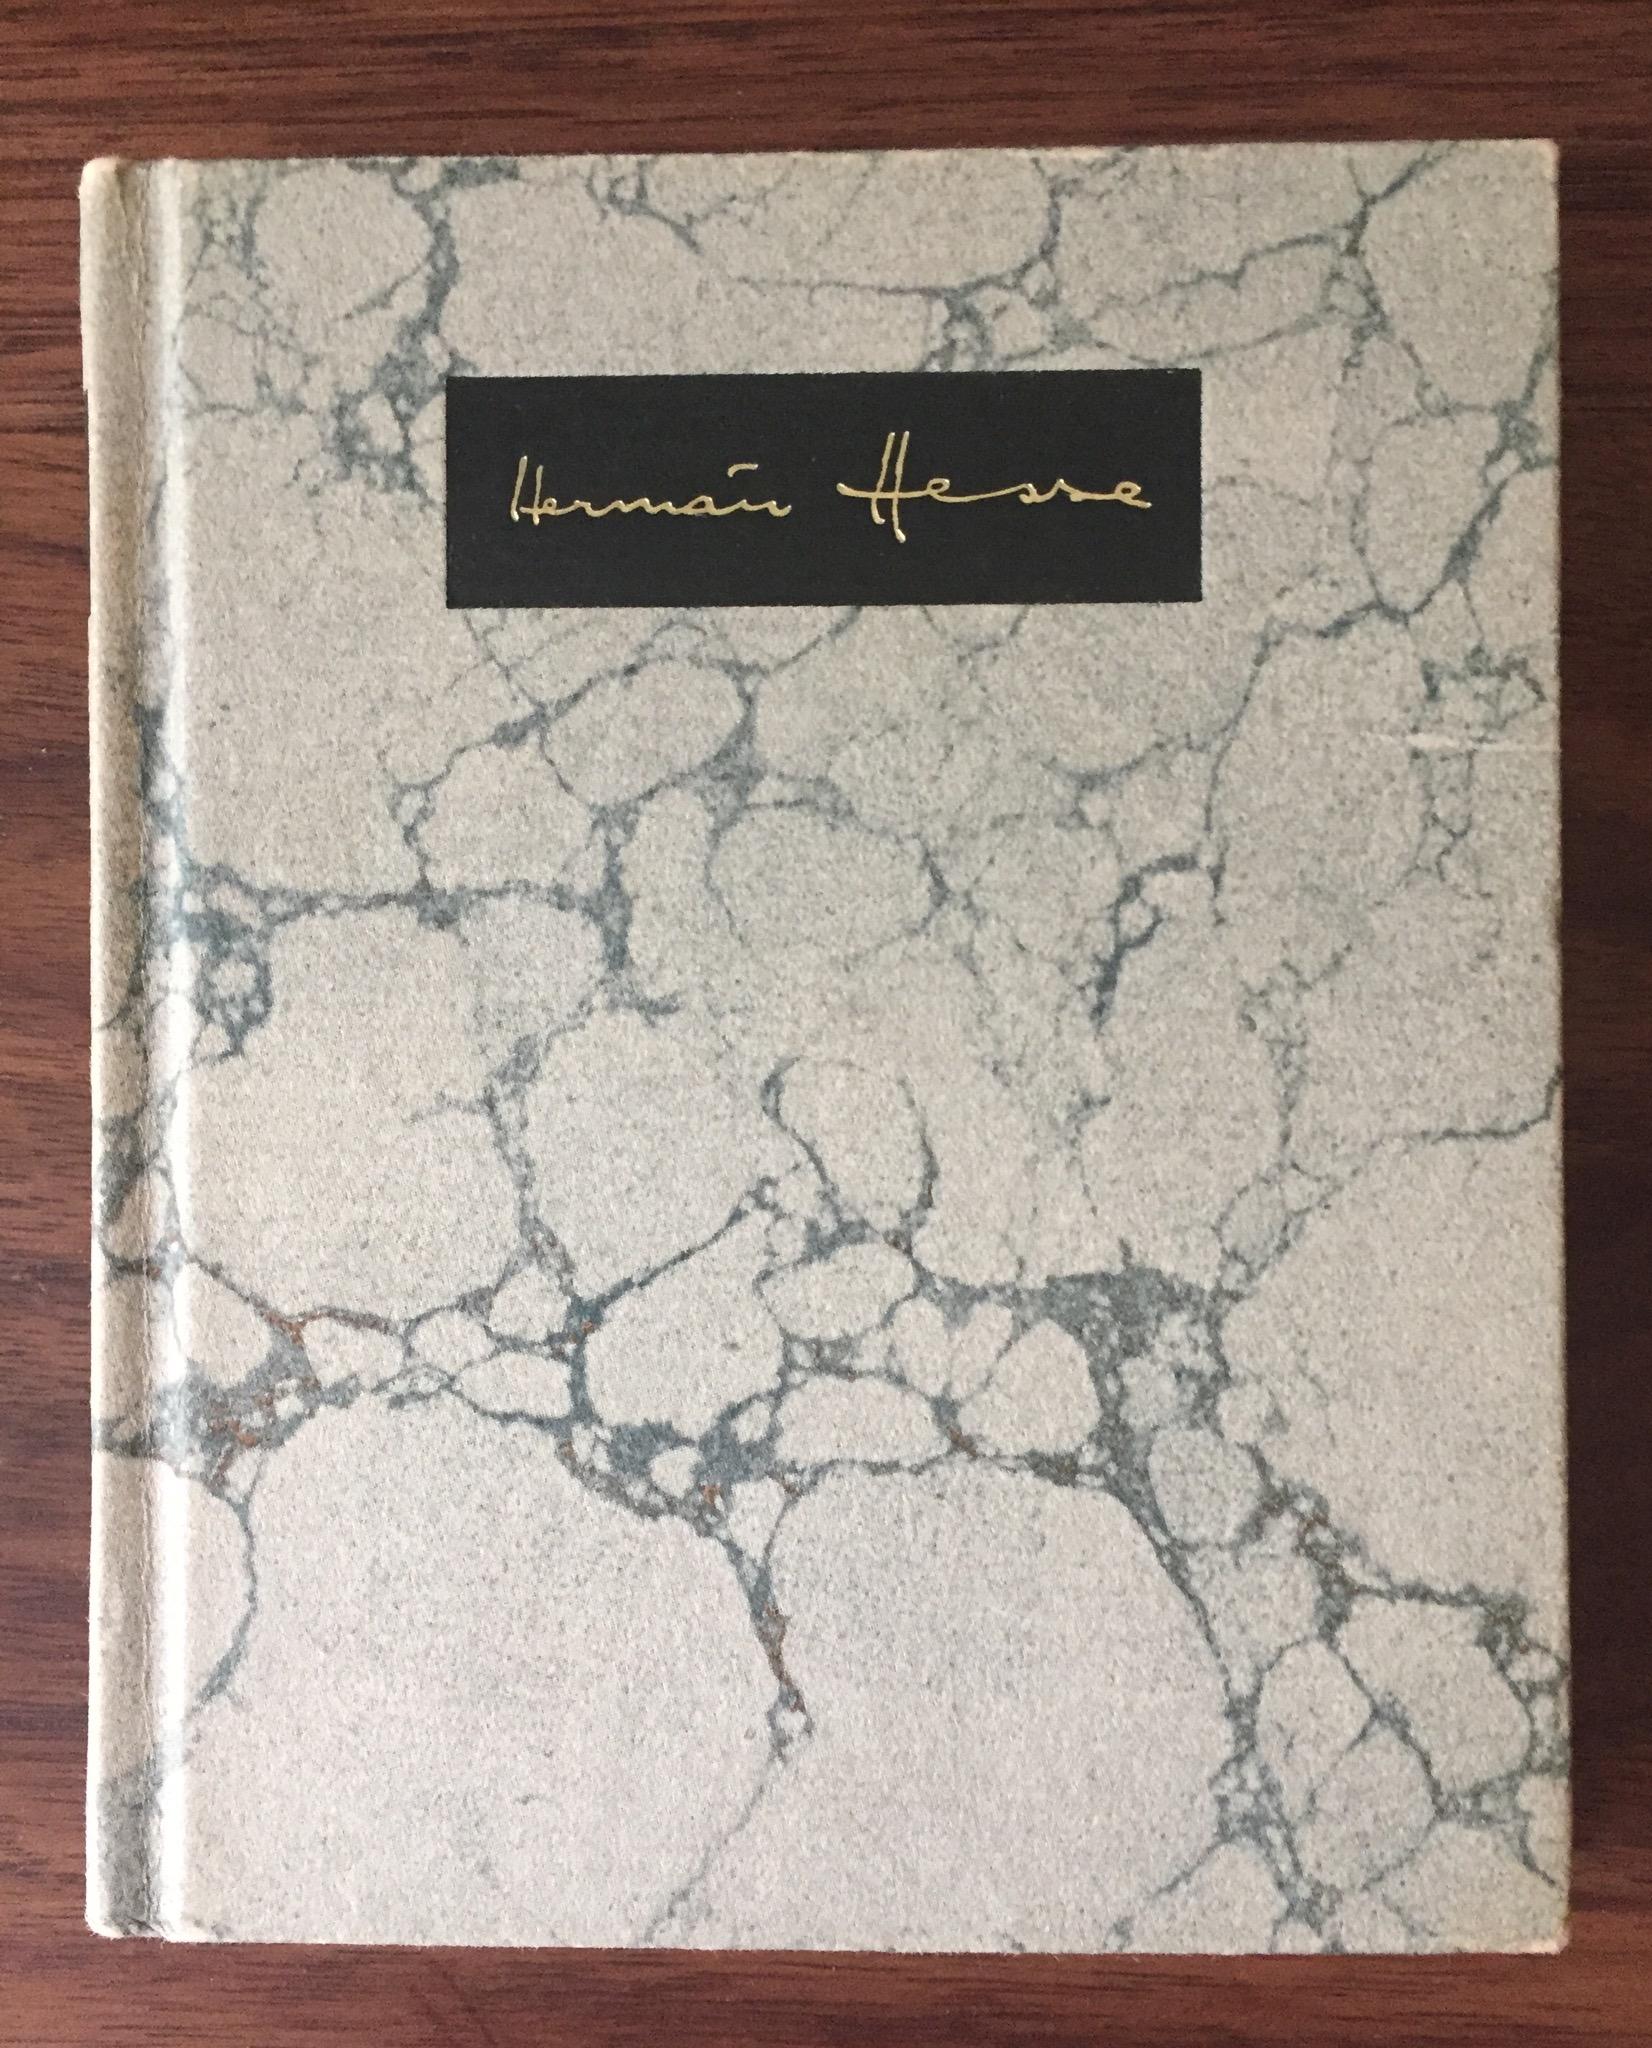 Herman Hesse Kl. Kalender tauschen